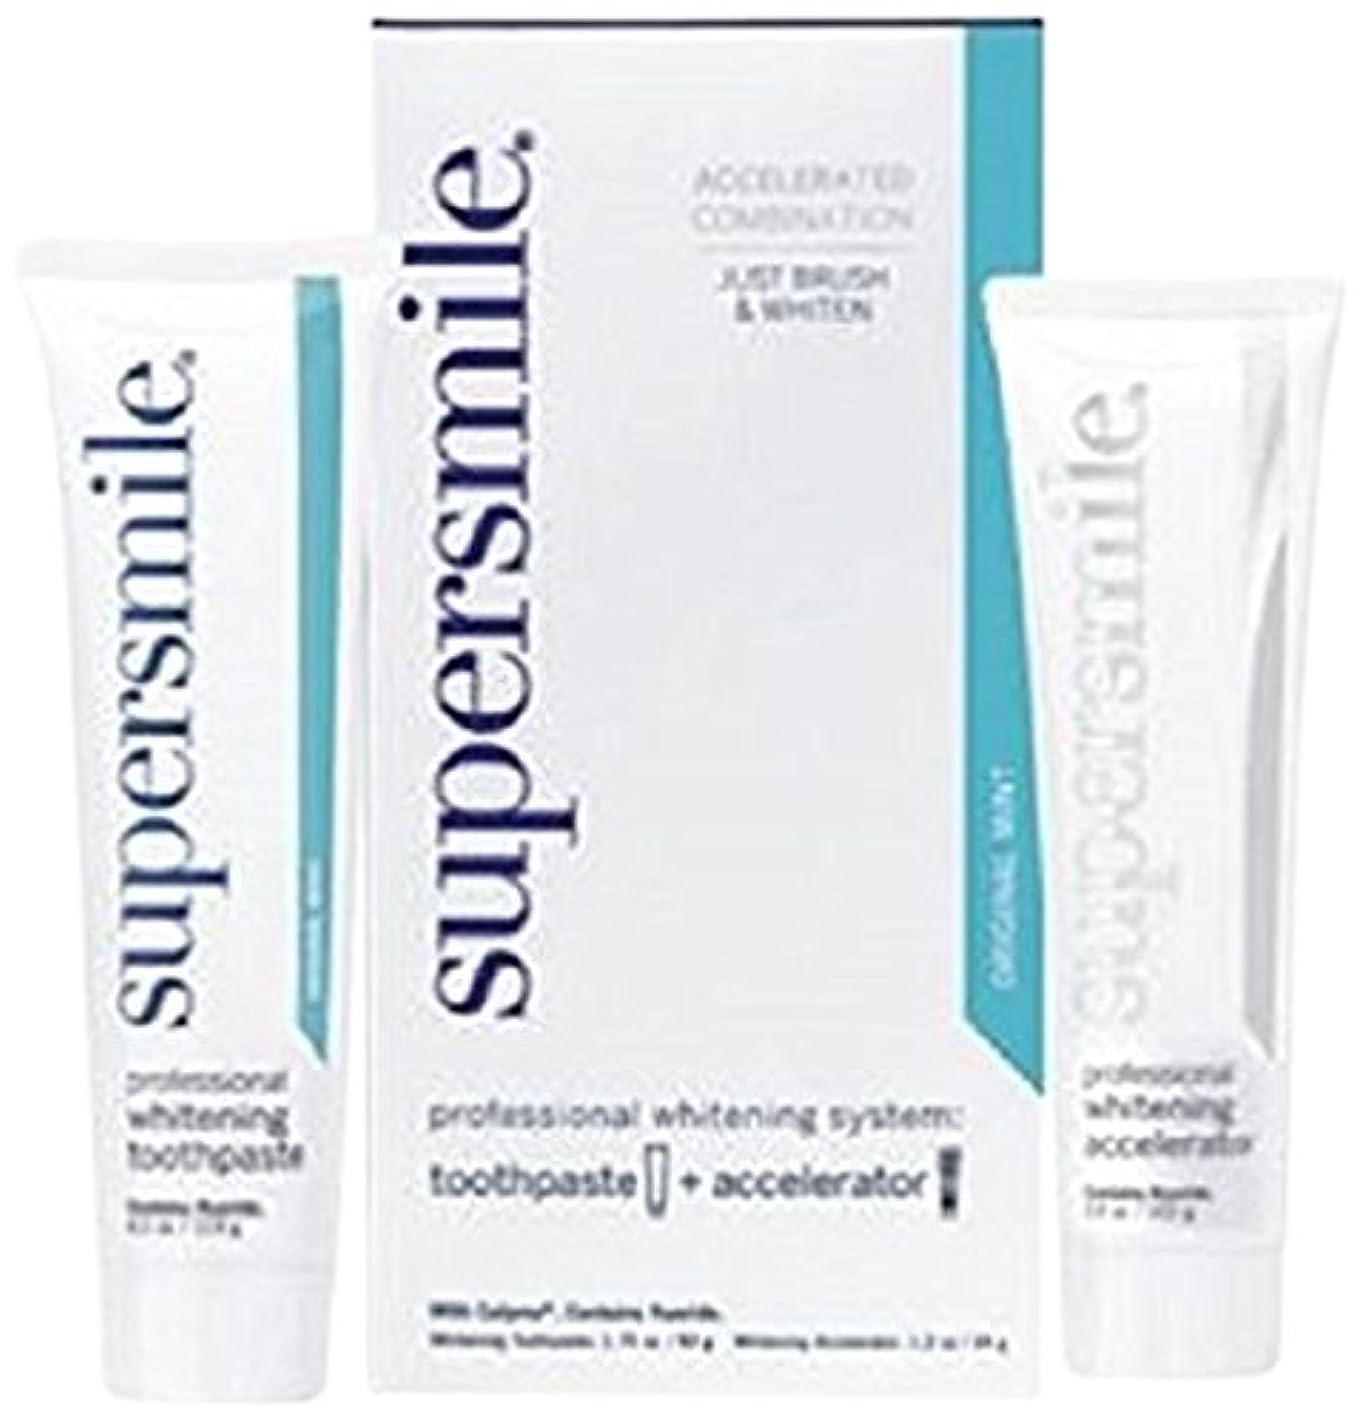 苦痛バズ有罪Supersmile Professional Whitening System: Toothpaste 50g/1.75oz + Accelerator 34g/1.2oz - 2pcs by SuperSmile